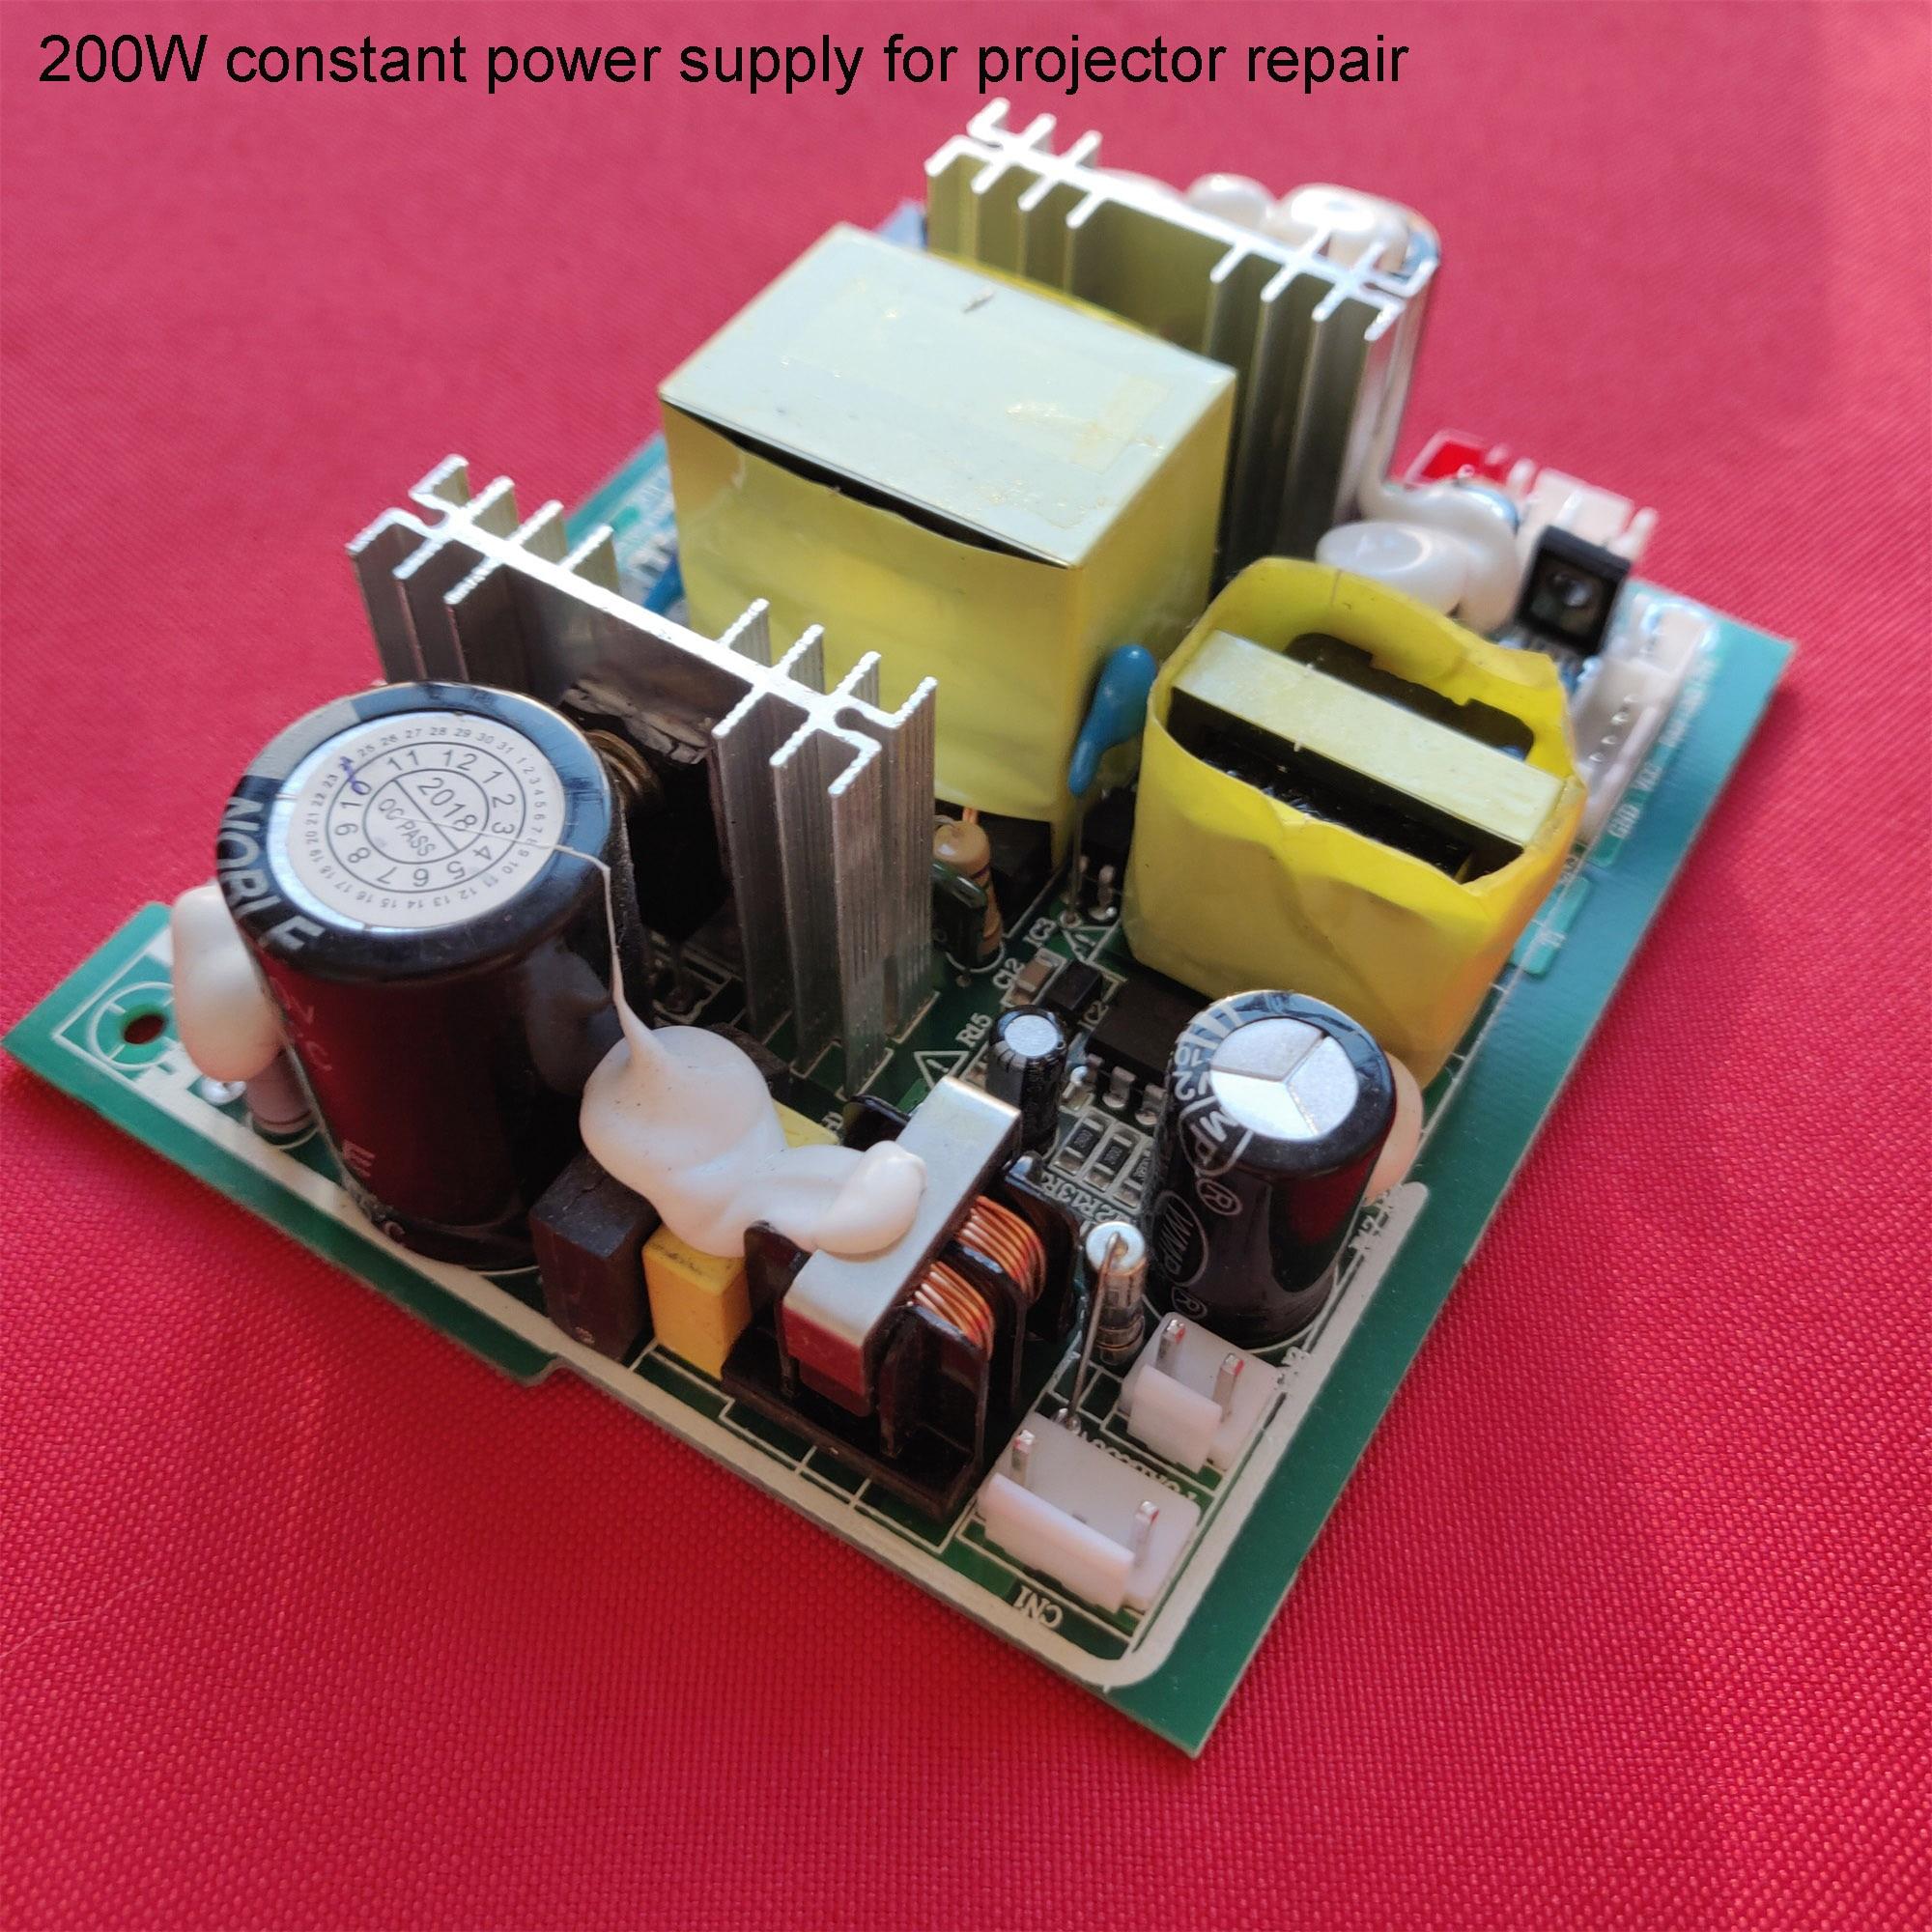 200 Вт постоянный источник питания для ремонта проектора Rigal Poner Saund EUG